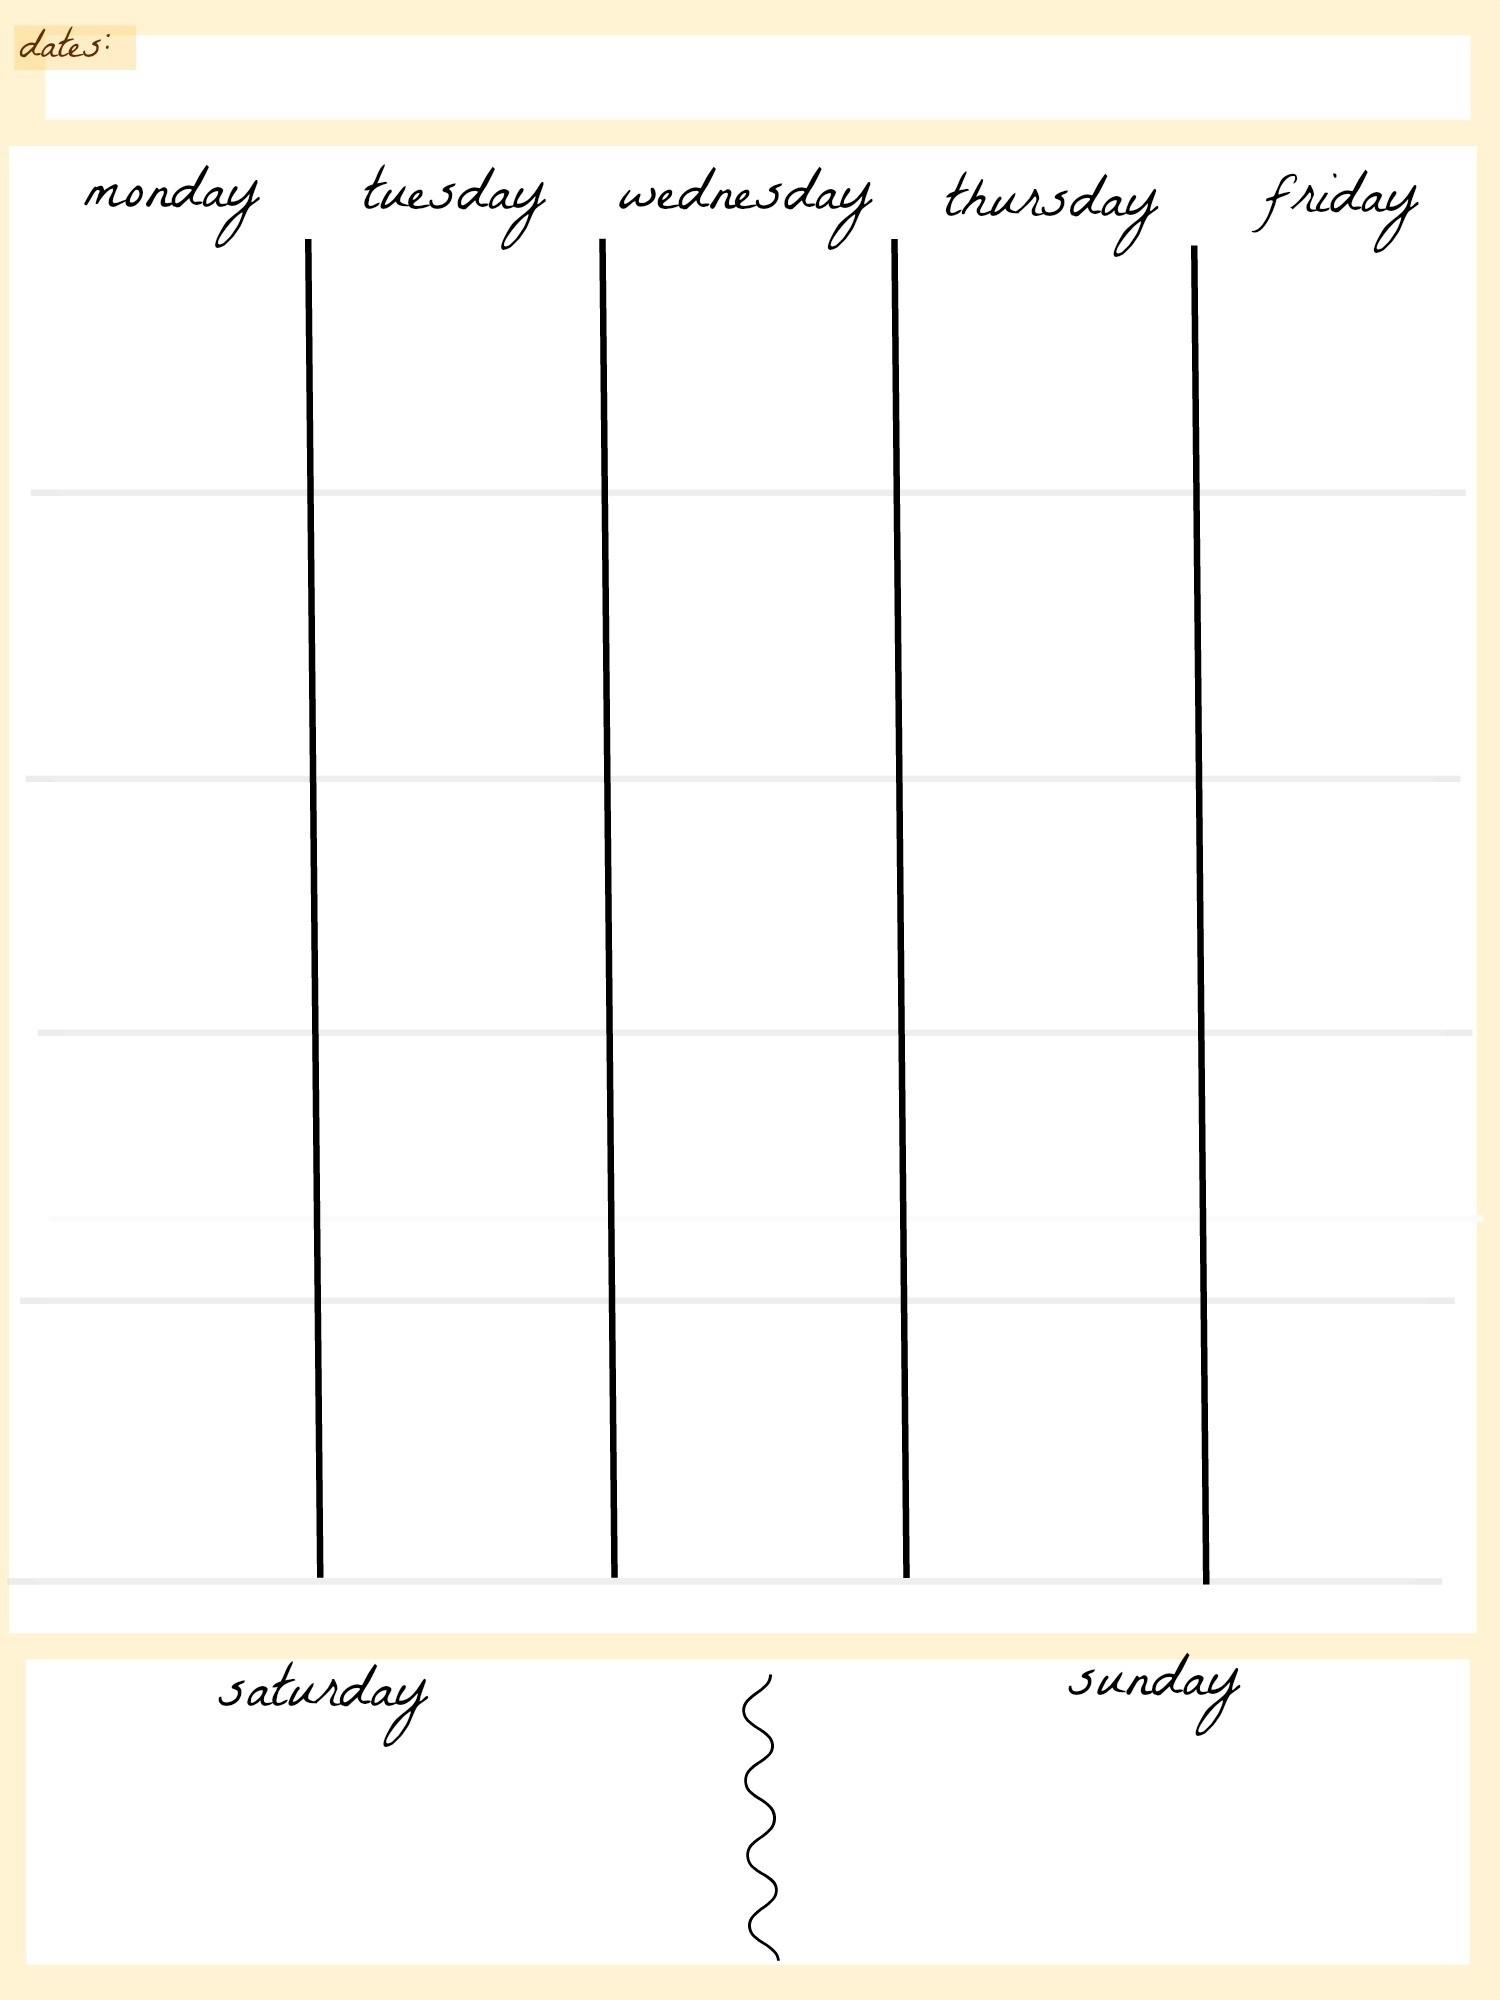 Blank Calendar Template 5 Day Week Weekly Calendar 5 Day Travel Cal1 inside Free 5 Day Calendar Template